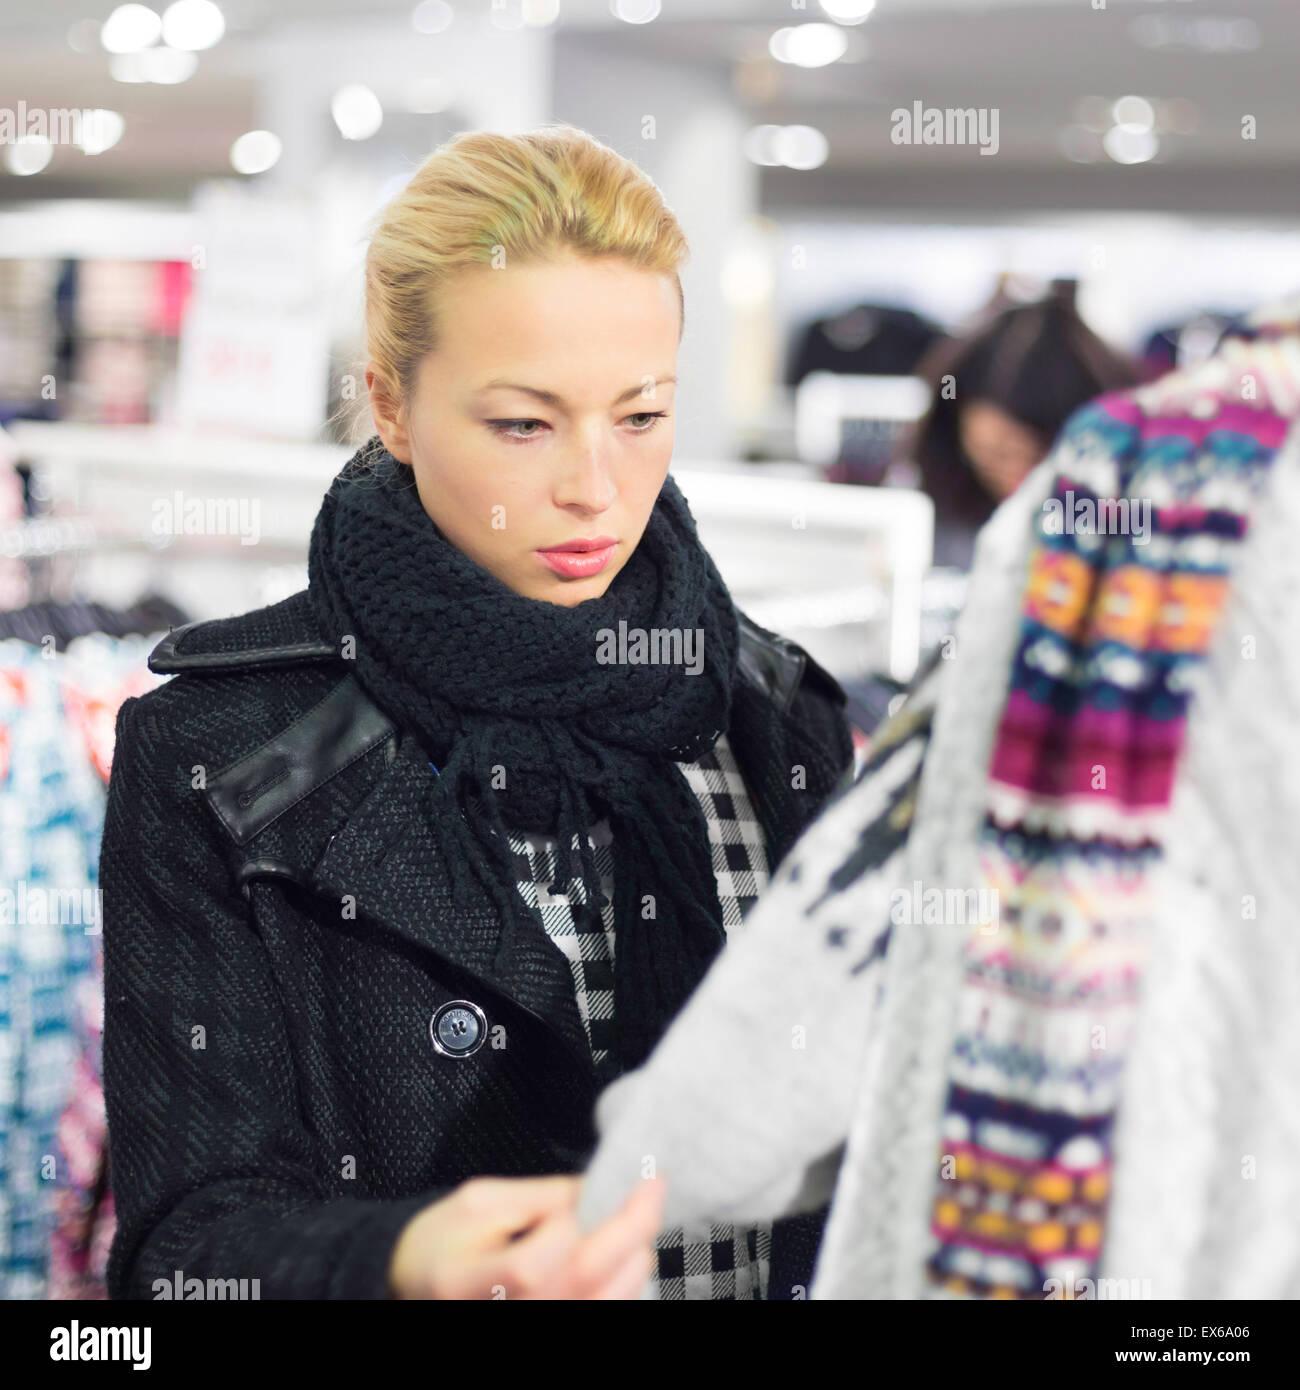 Belle femme shopping dans une boutique de vêtements. Photo Stock